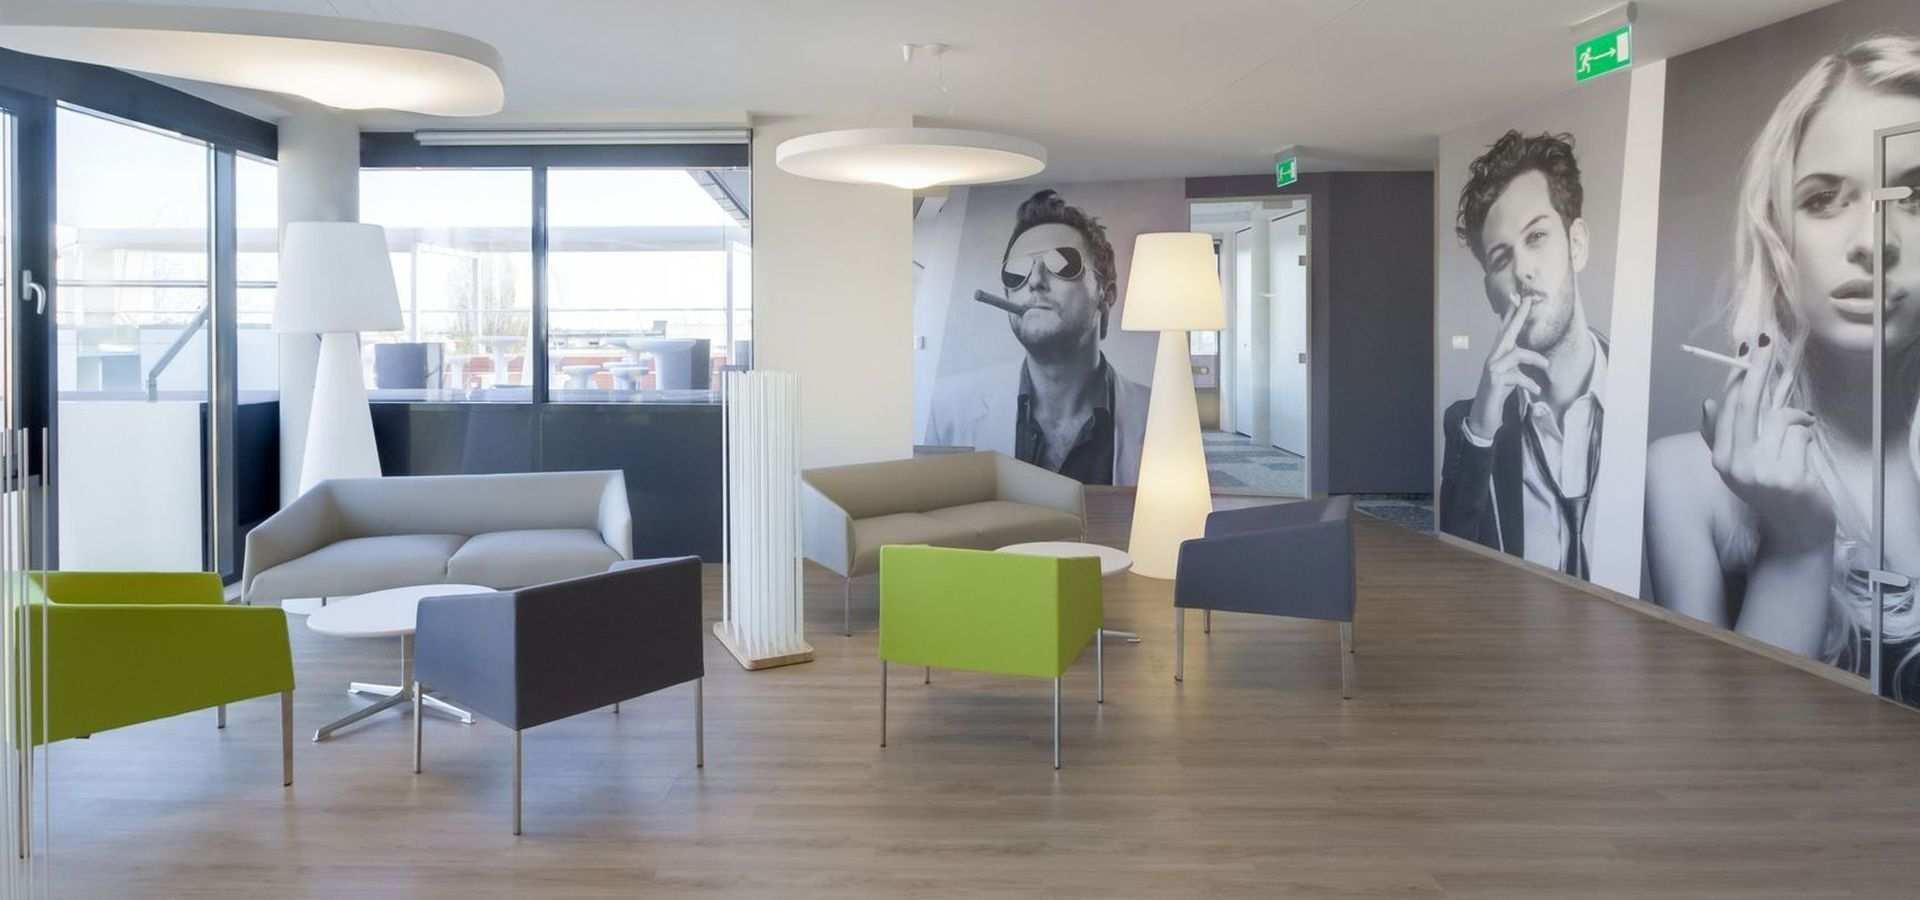 Bild Büro Warteraum heller Holzboden